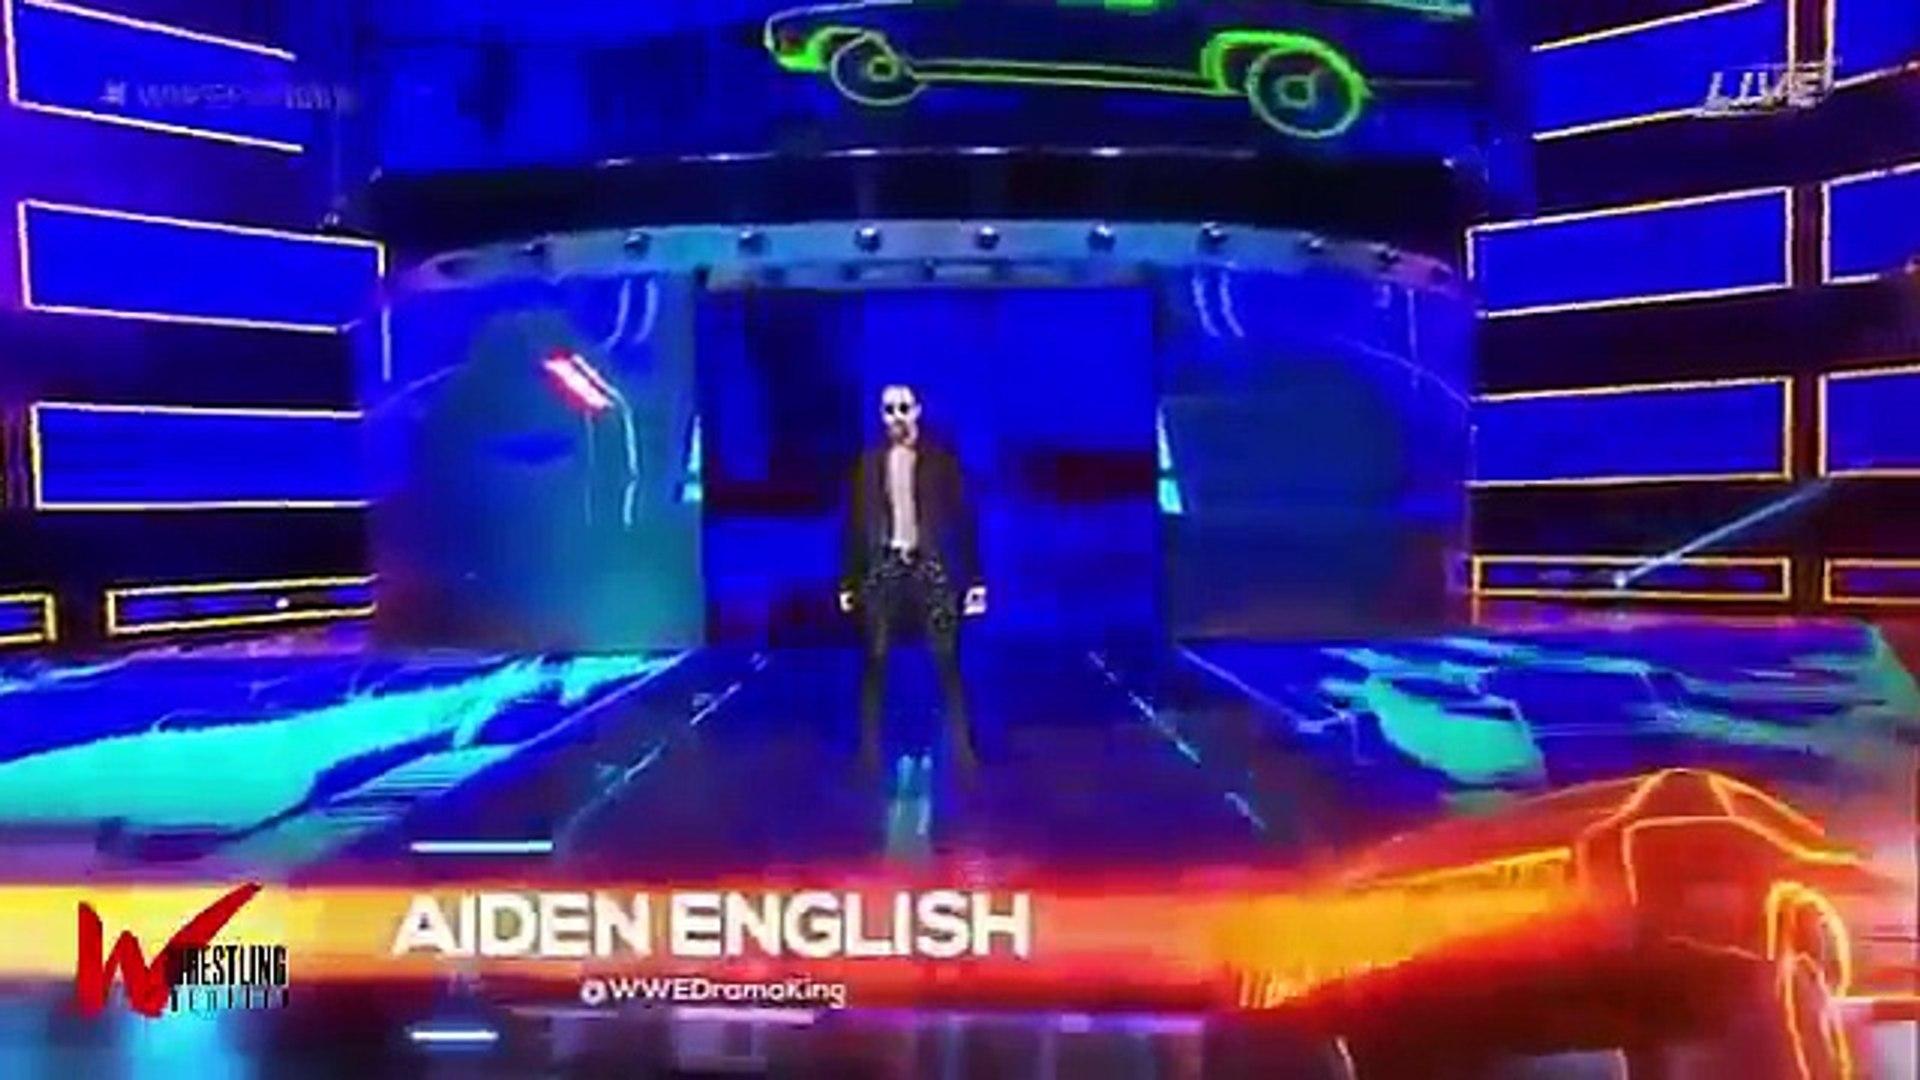 WWE Fastlane 2018 Highlights HD - WWE Fastlane 11/3/18 Highlights HD,WWE Fastlane 2018 Highlights HD